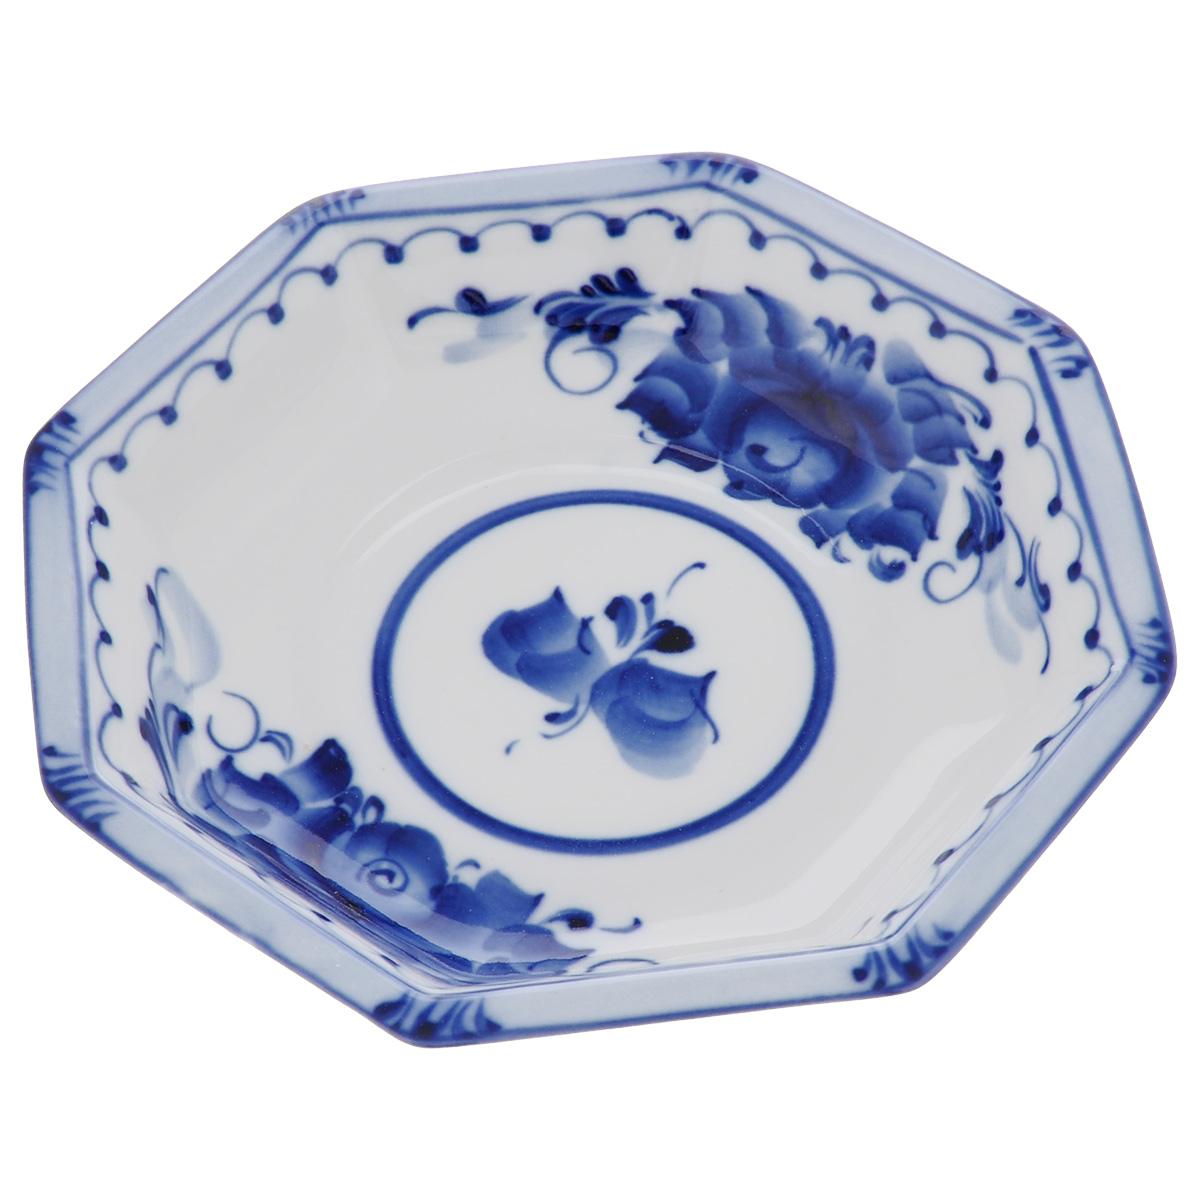 Салатник Европейский, цвет: белый, синий, 16 х 16 х 3 см993040141Салатник Европейский выполнен из высококачественного фарфора и декорирован росписью в технике гжель. Салатник сочетает в себе изысканный дизайн с максимальной функциональностью. Он прекрасно впишется в интерьер вашей кухни и станет достойным дополнением к кухонному инвентарю. Салатник не только украсит ваш кухонный стол и подчеркнет прекрасный вкус хозяйки, но и станет отличным подарком.Размер: 16 см х 16 см х 3 см.